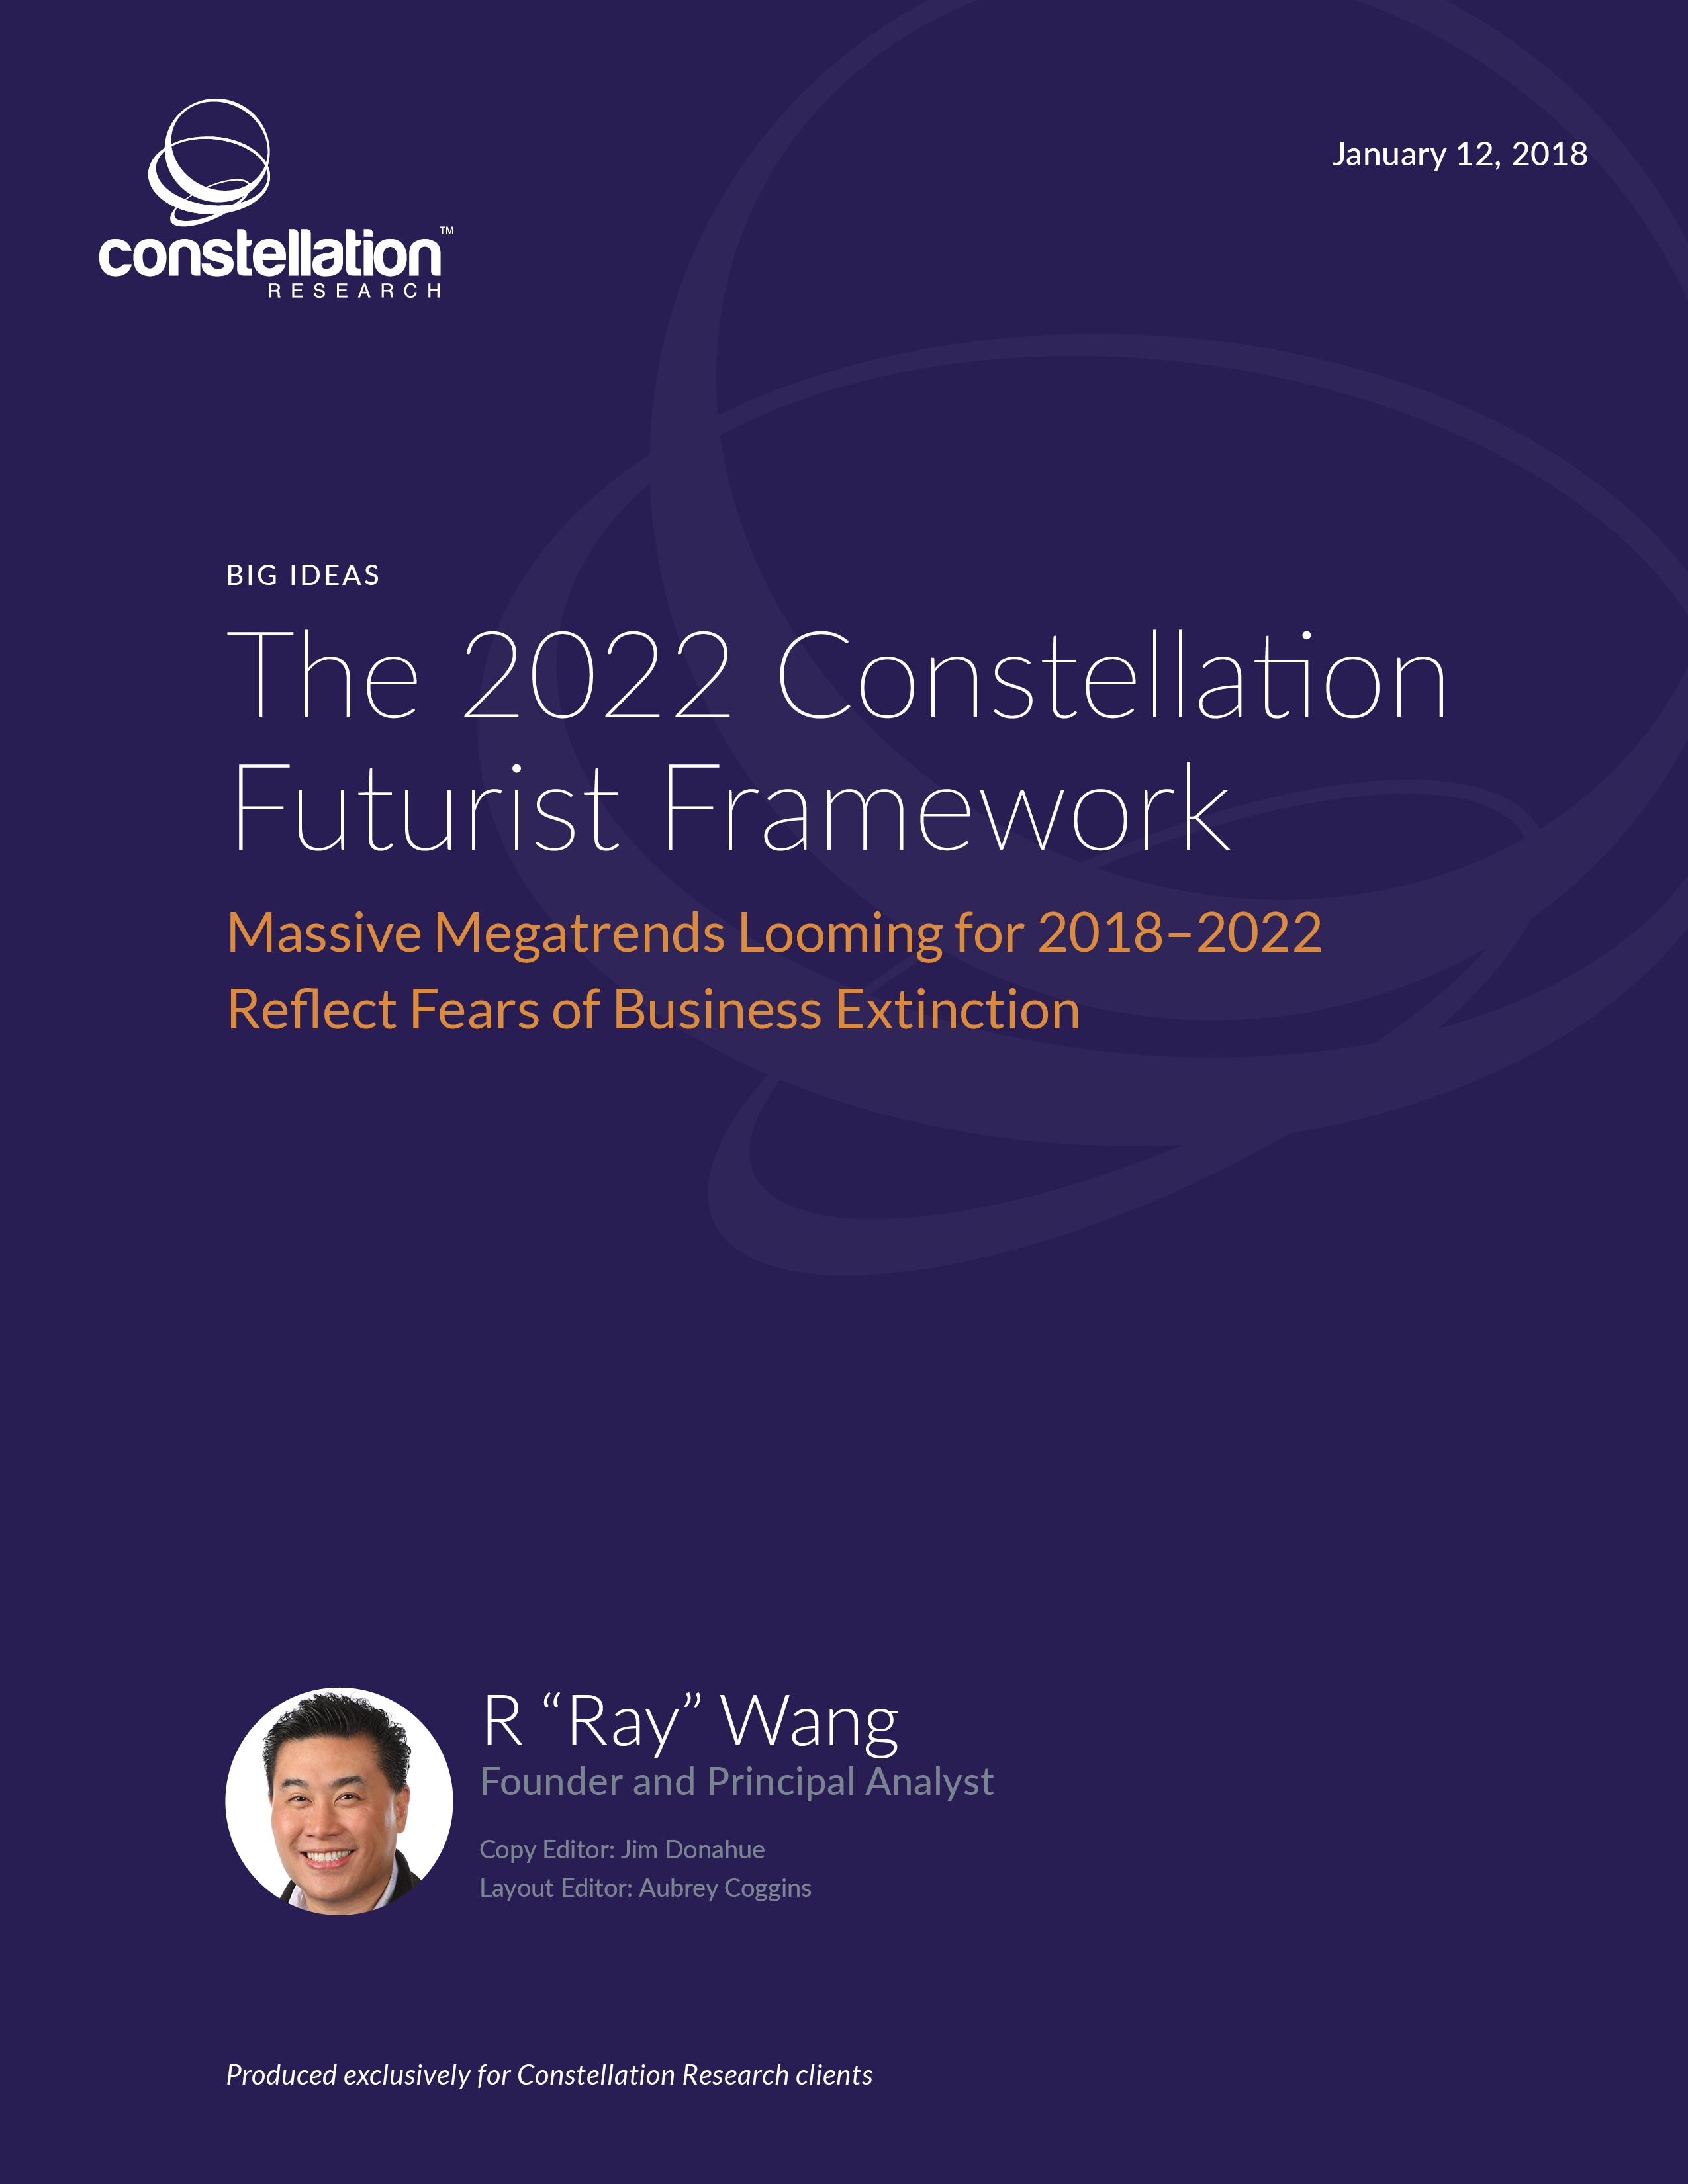 The 2022 Constellation Futurist Framework